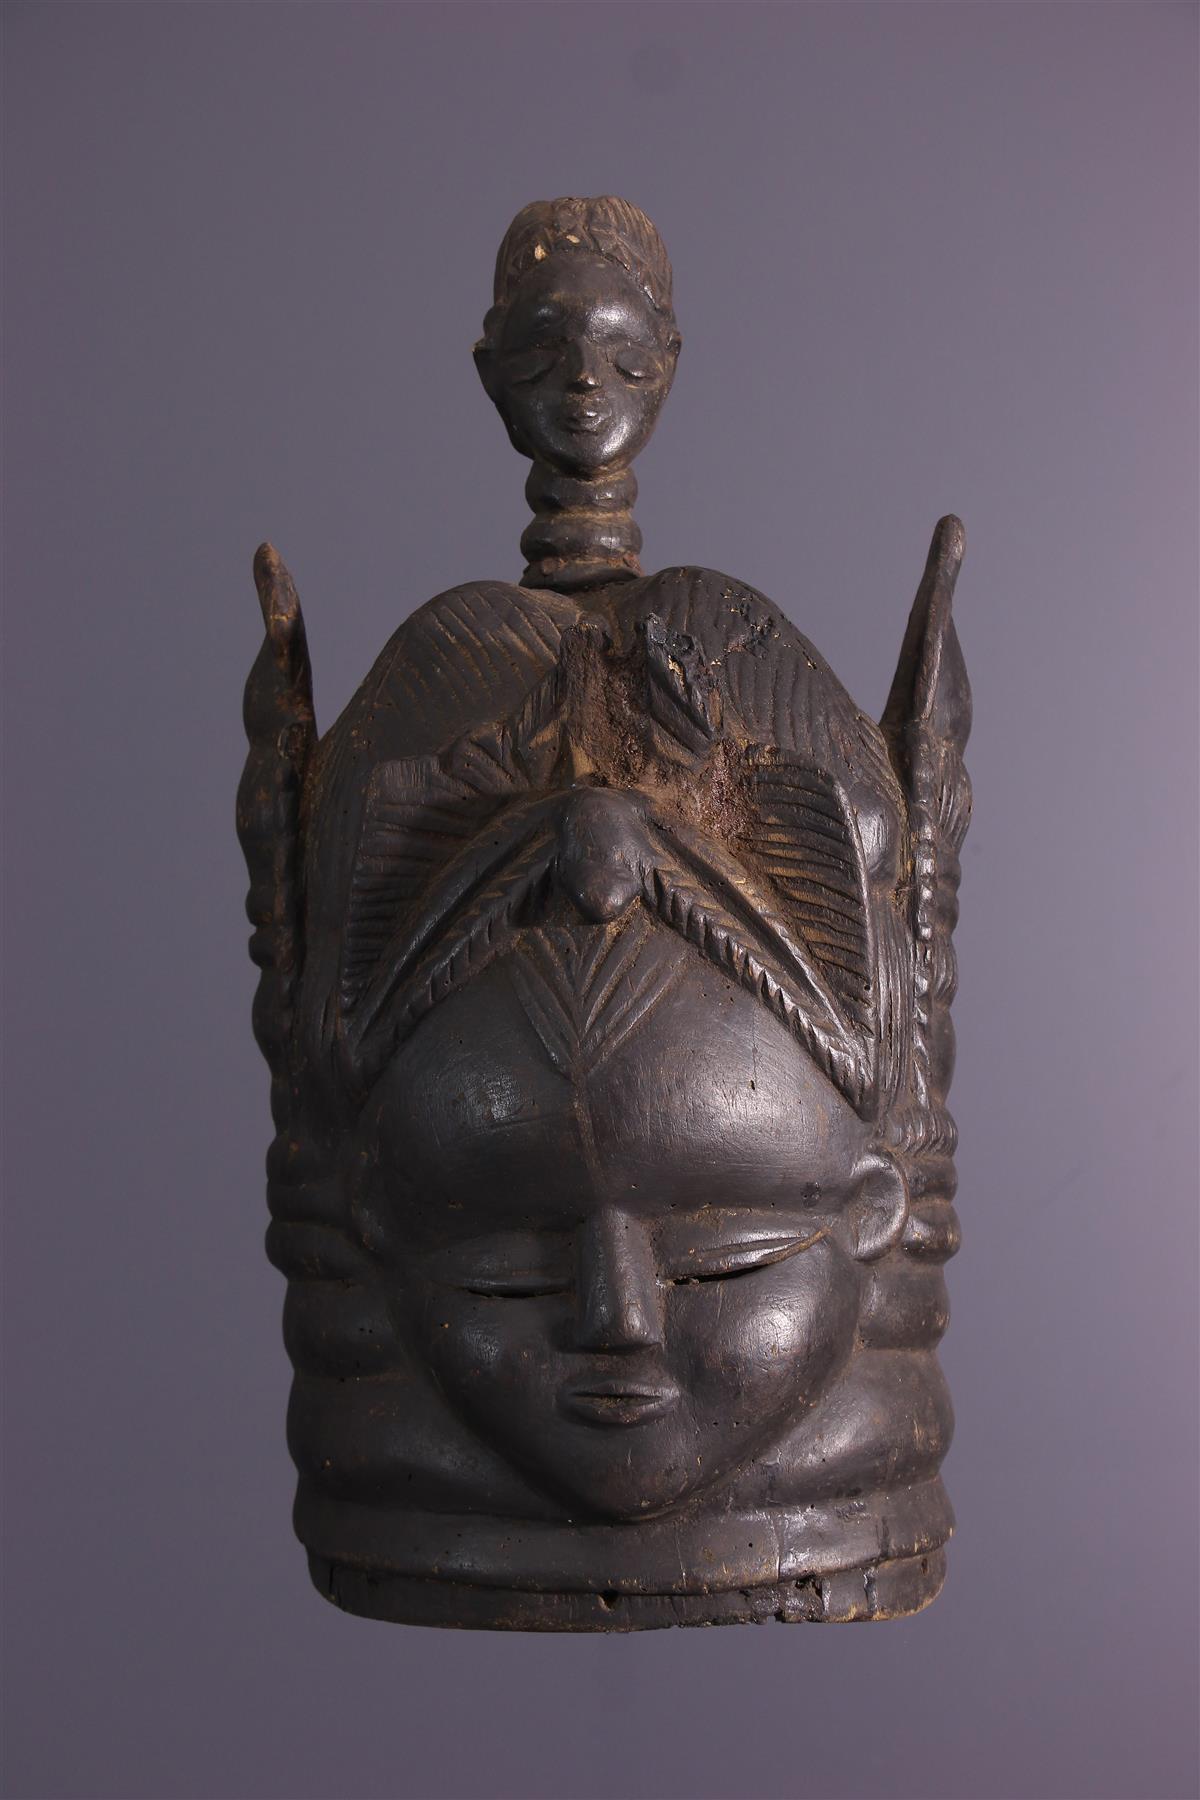 Mende Mask - Tribal art